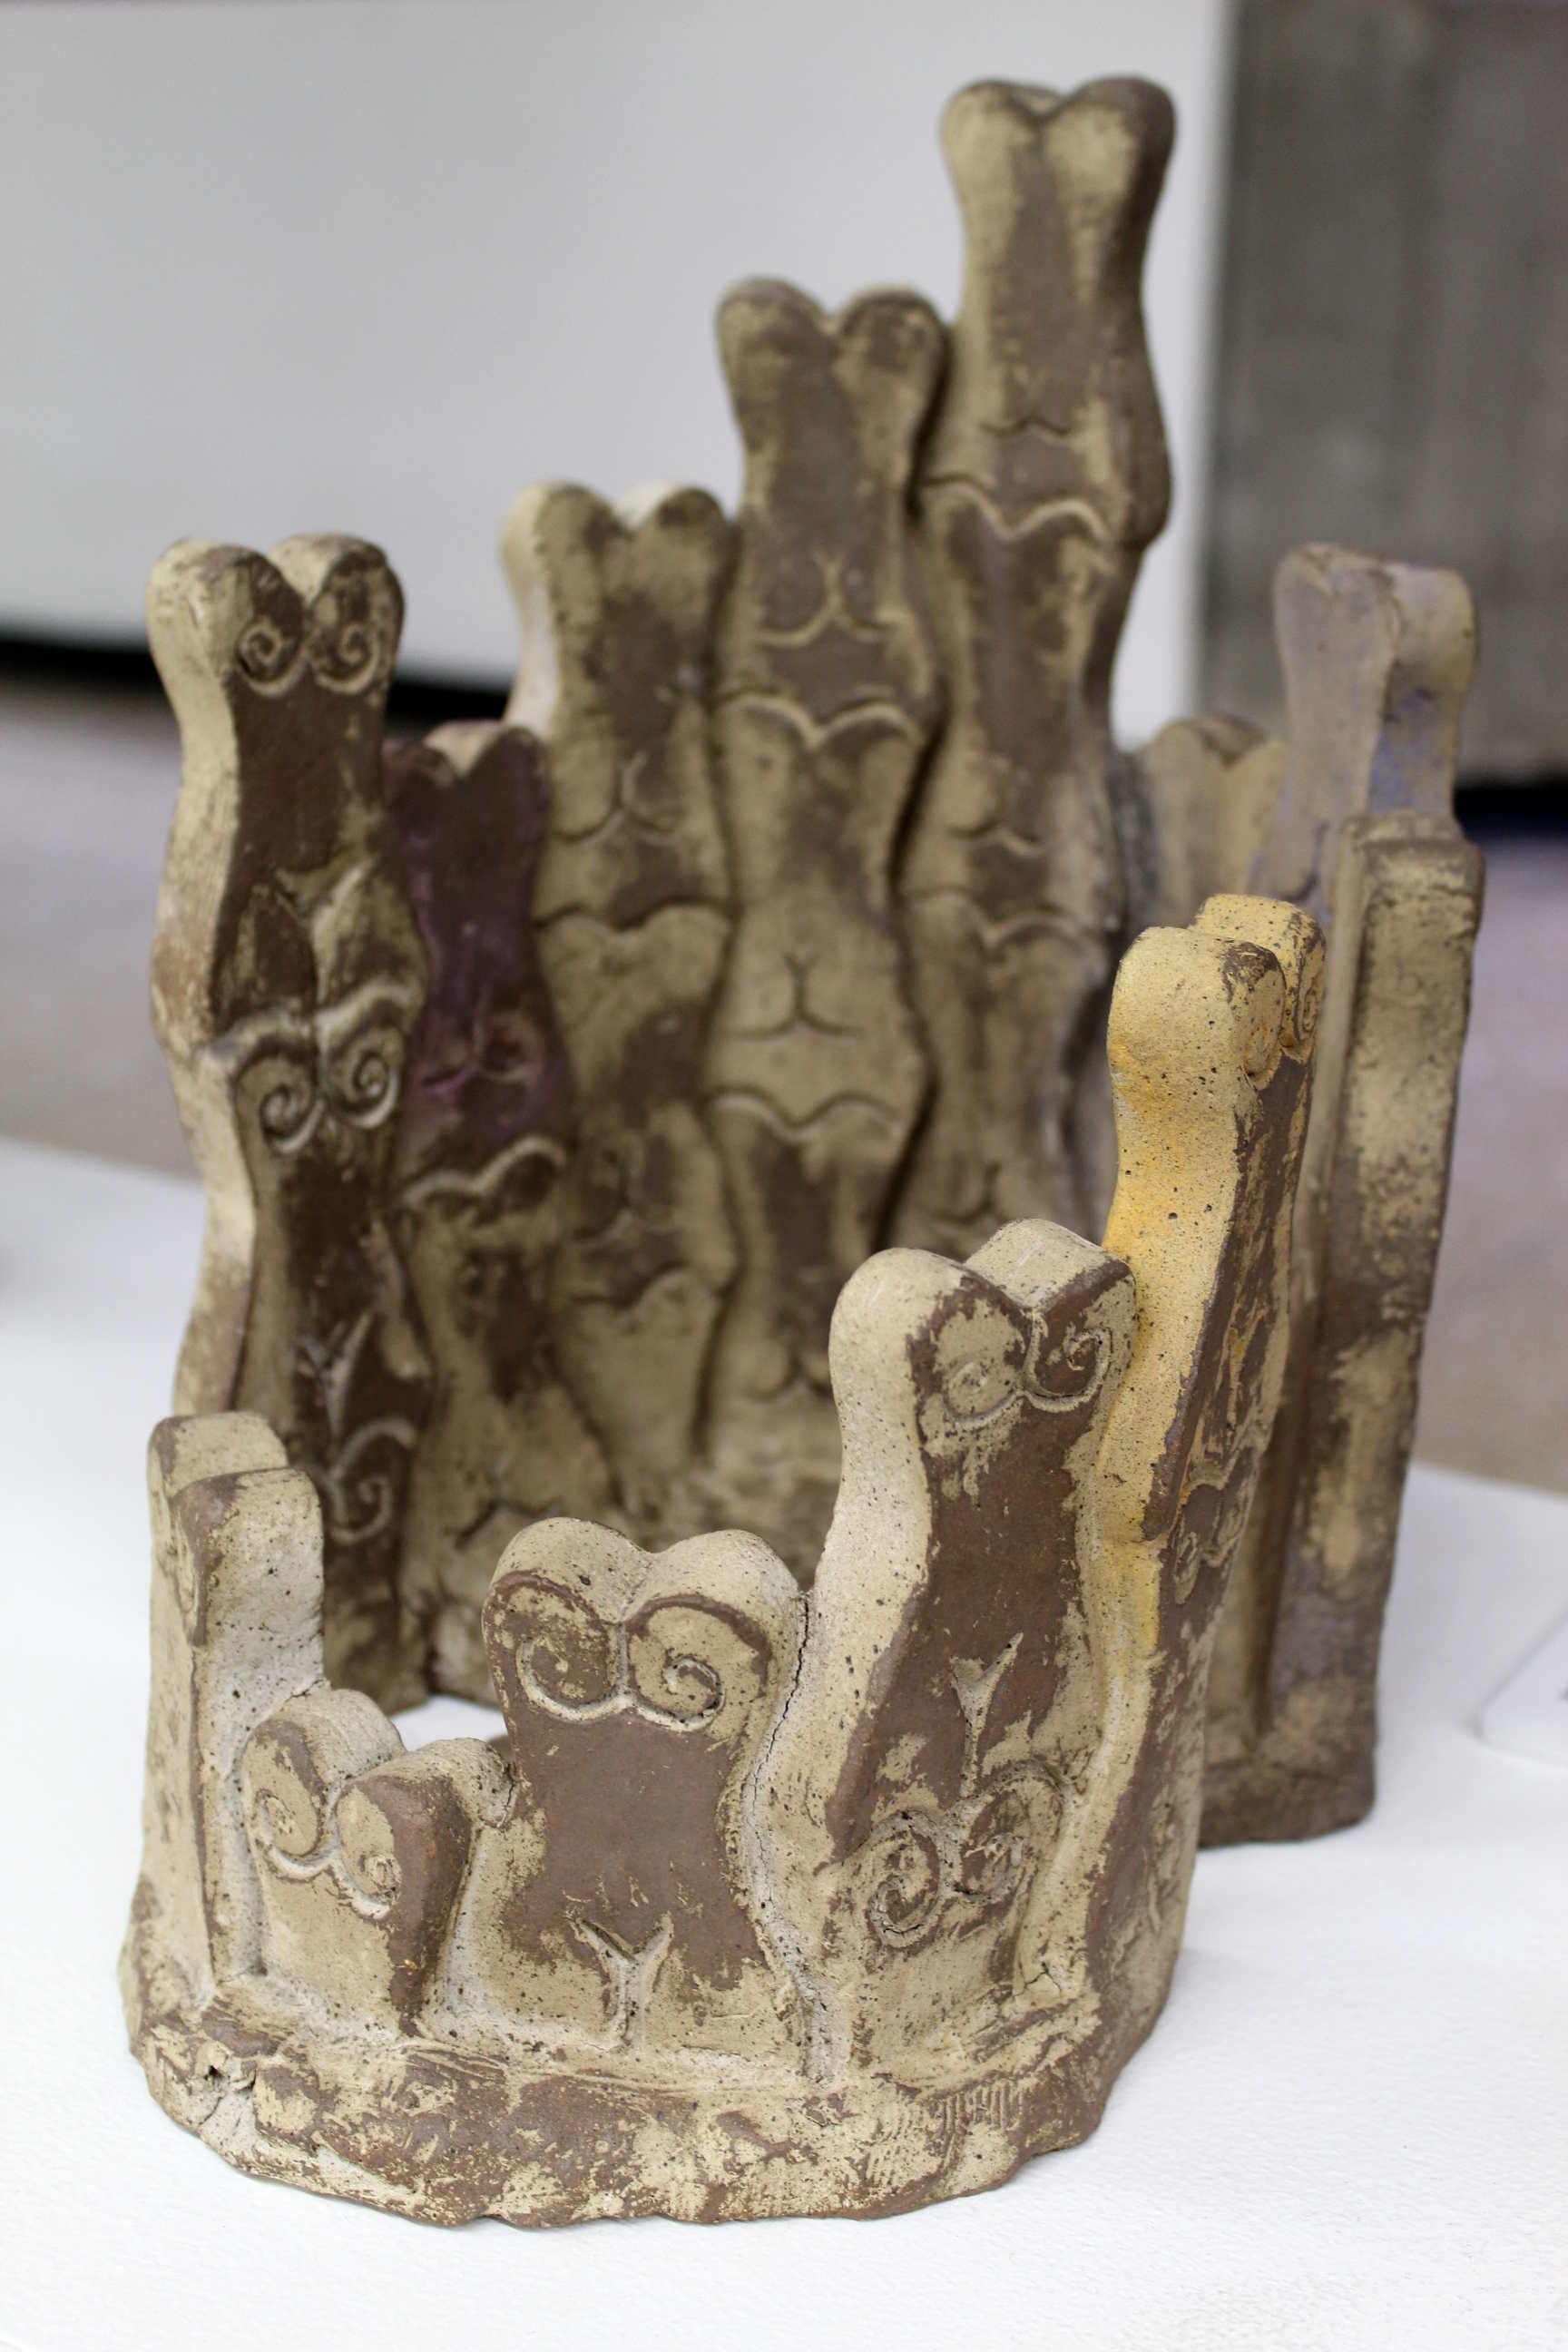 Obra de Raiza Flores, sin título, técnica de horno de gas, alta temperatura, año 2012. Fotografía: Adriana Araya.